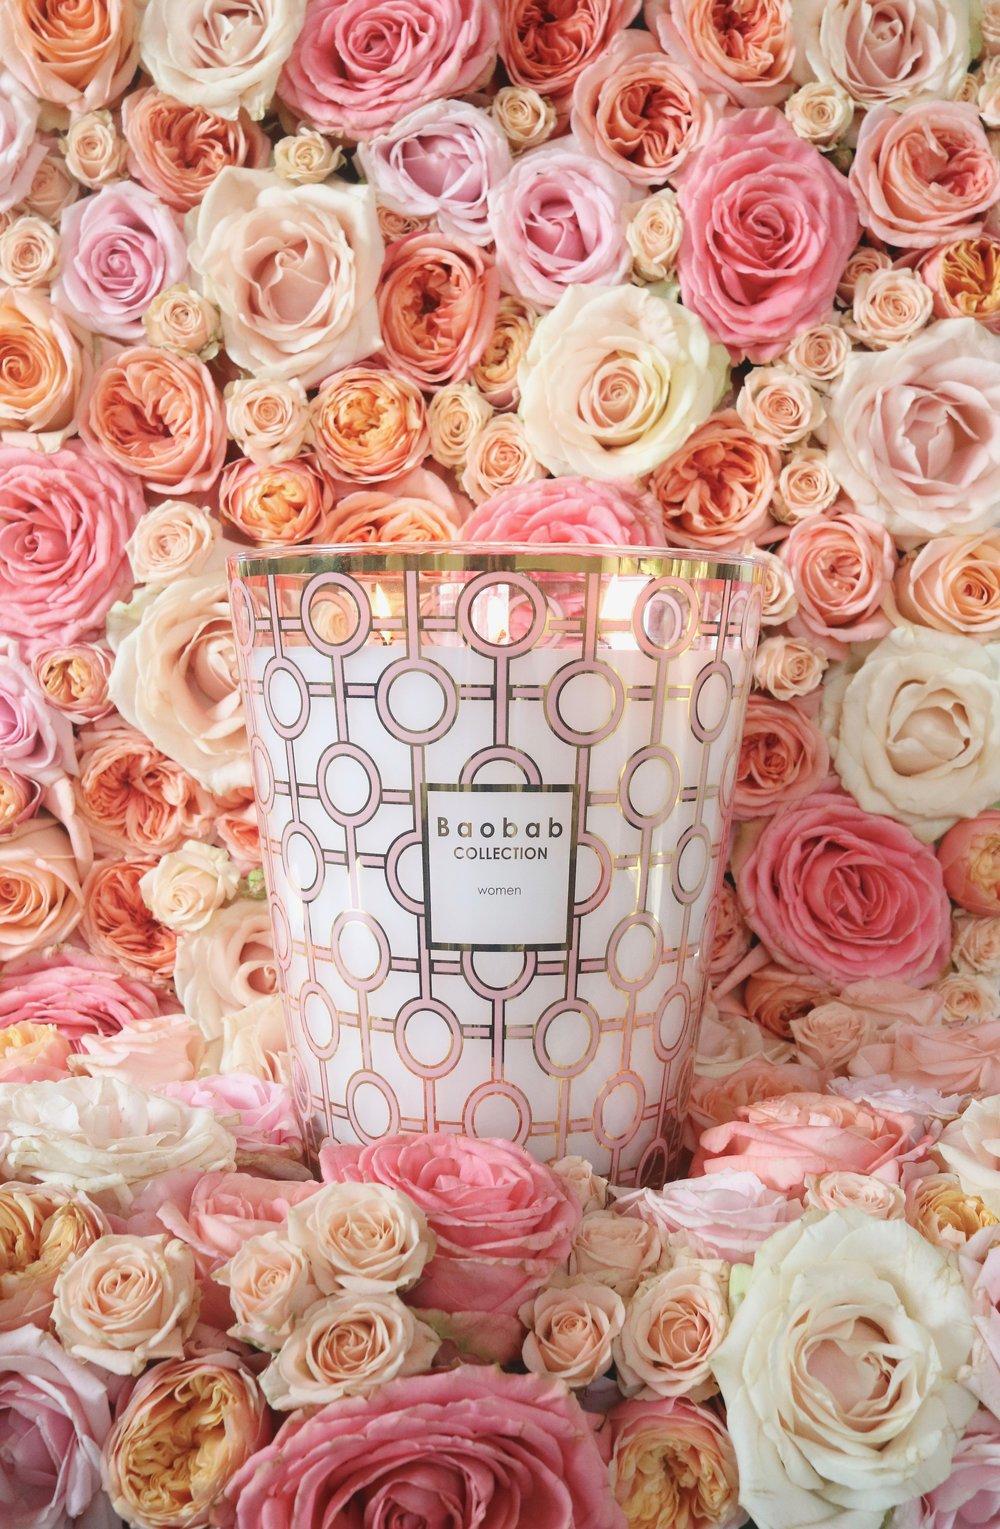 women-roses-baobab-collection - 1 (3).jpg